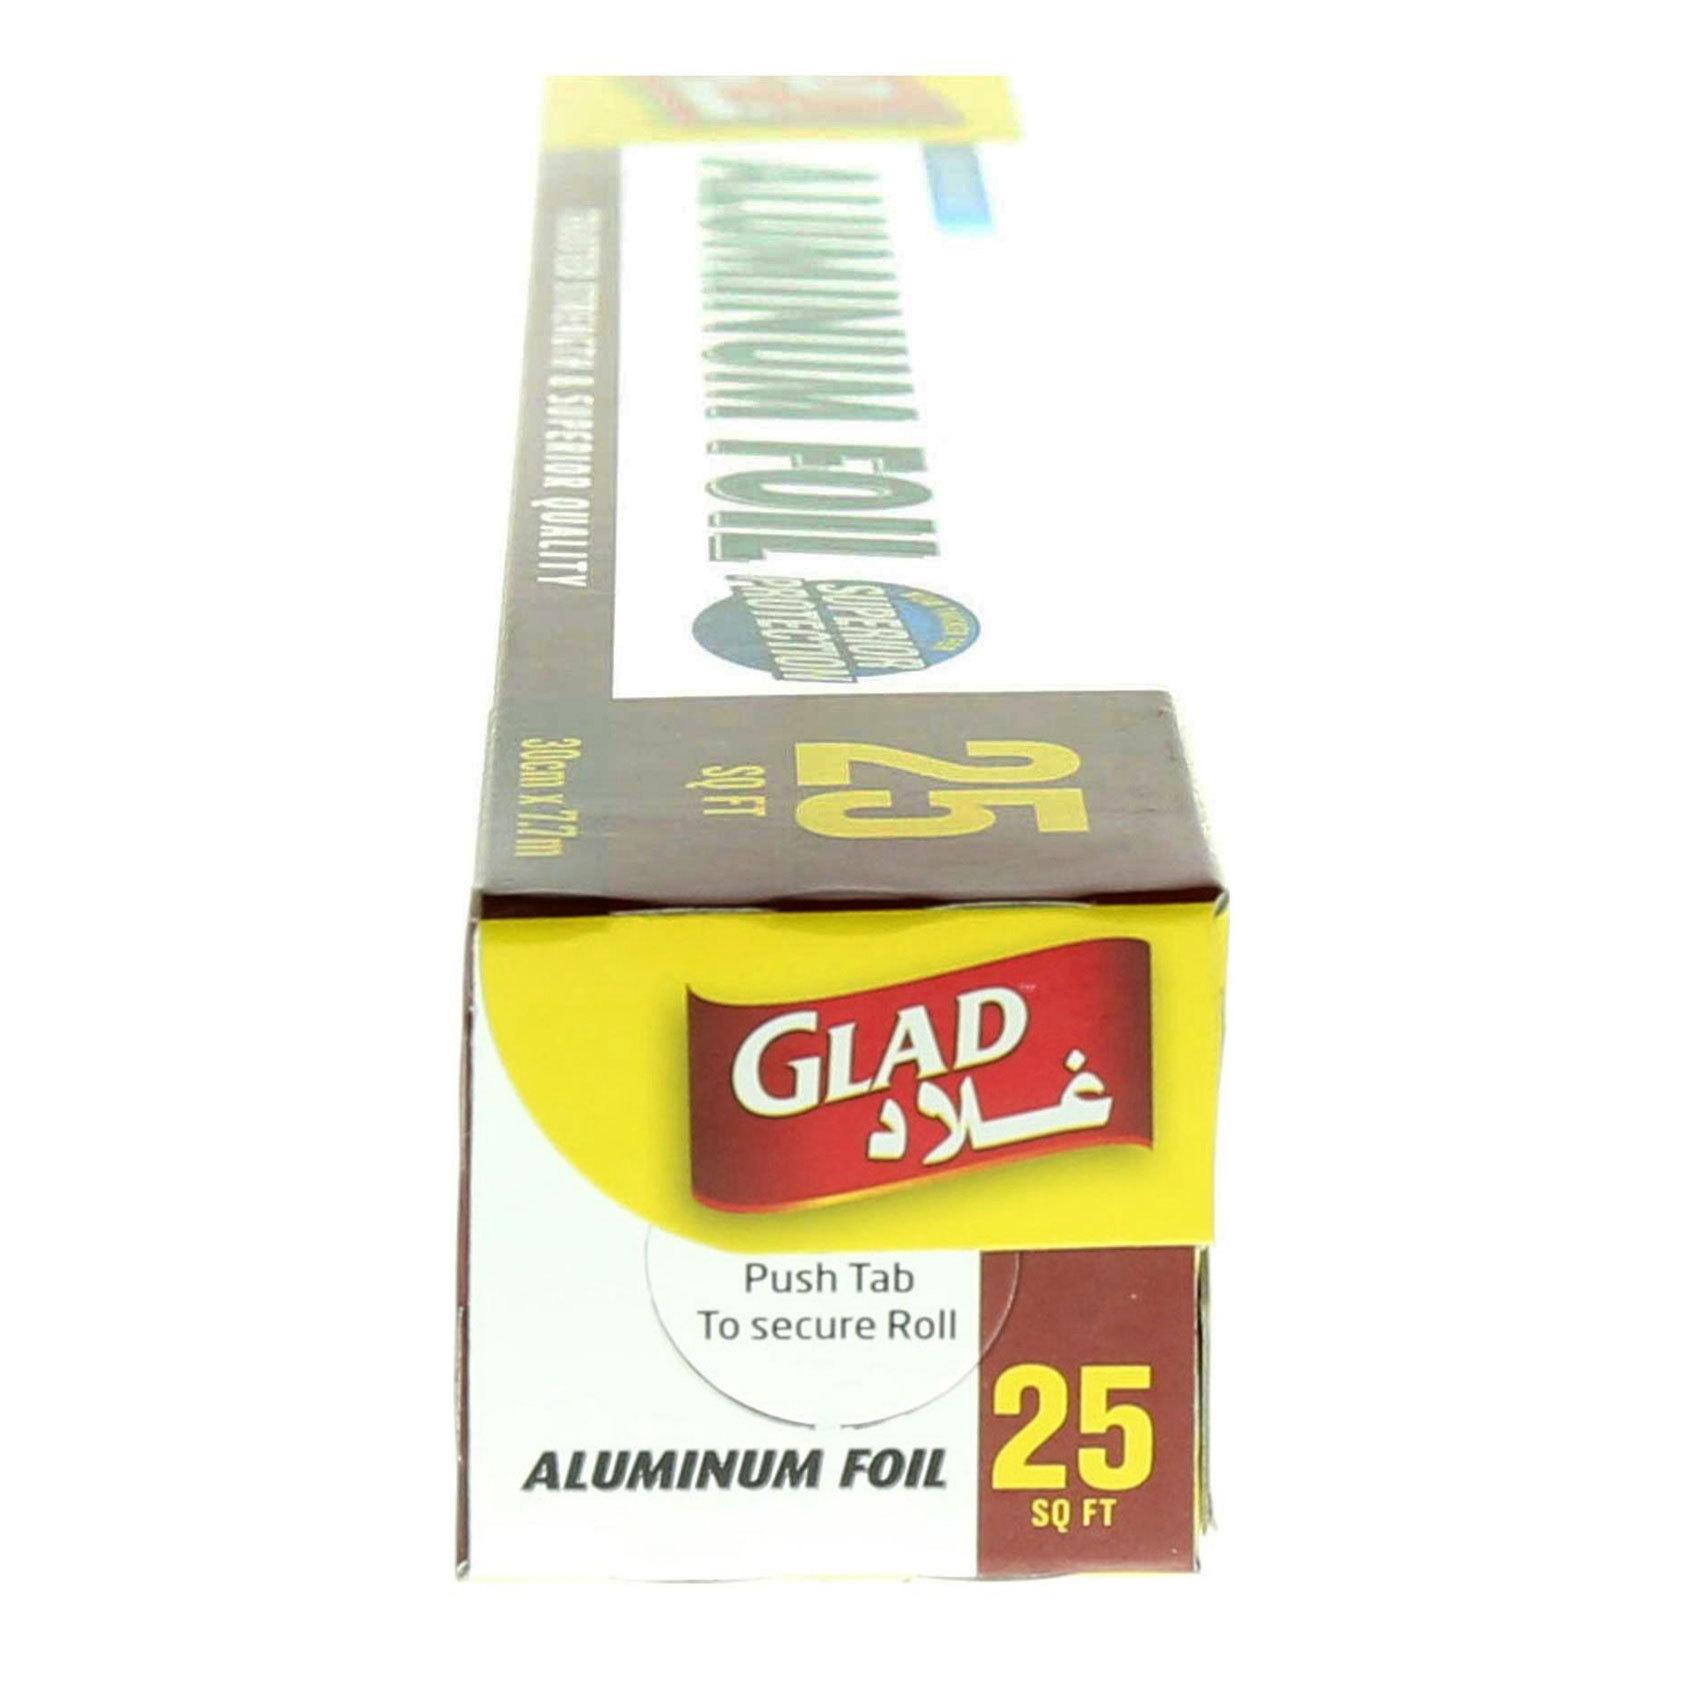 GLAD ALUMINUM FOIL 12 X 25 SQ FT